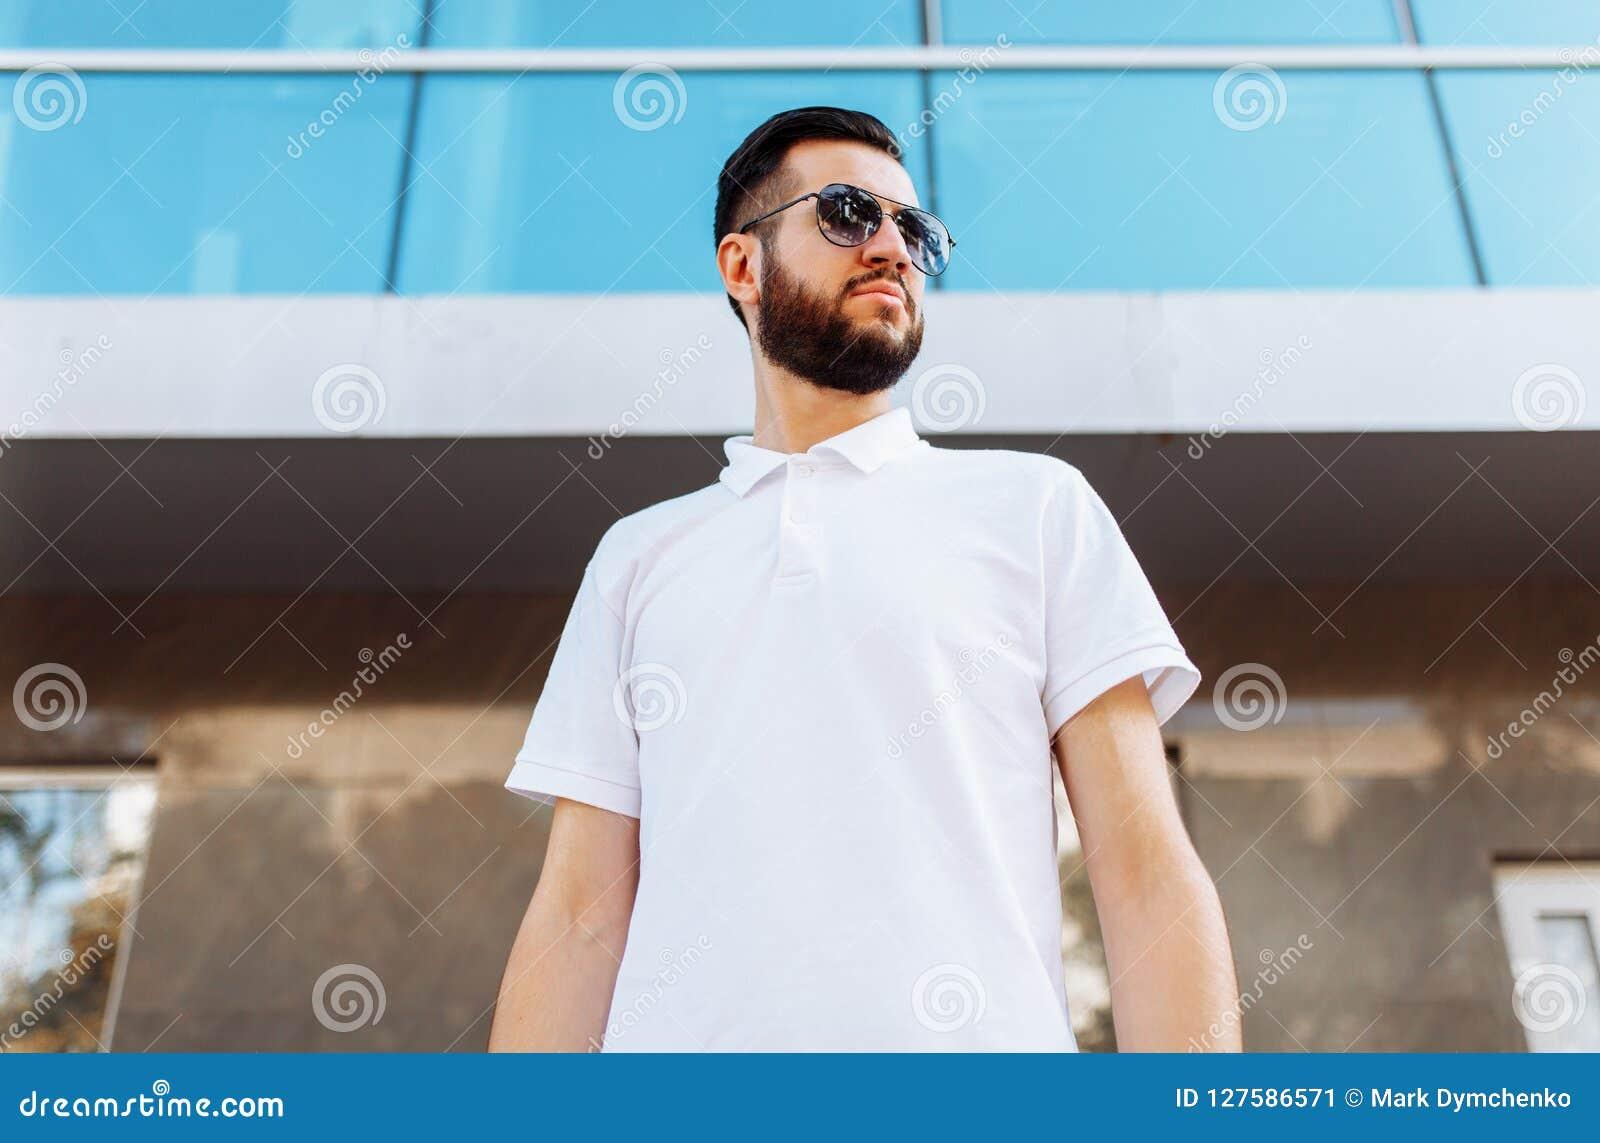 2688c0ce0deb8a Pantaloni a vita bassa alla moda in camicia bianca nei precedenti della  costruzione di vetro